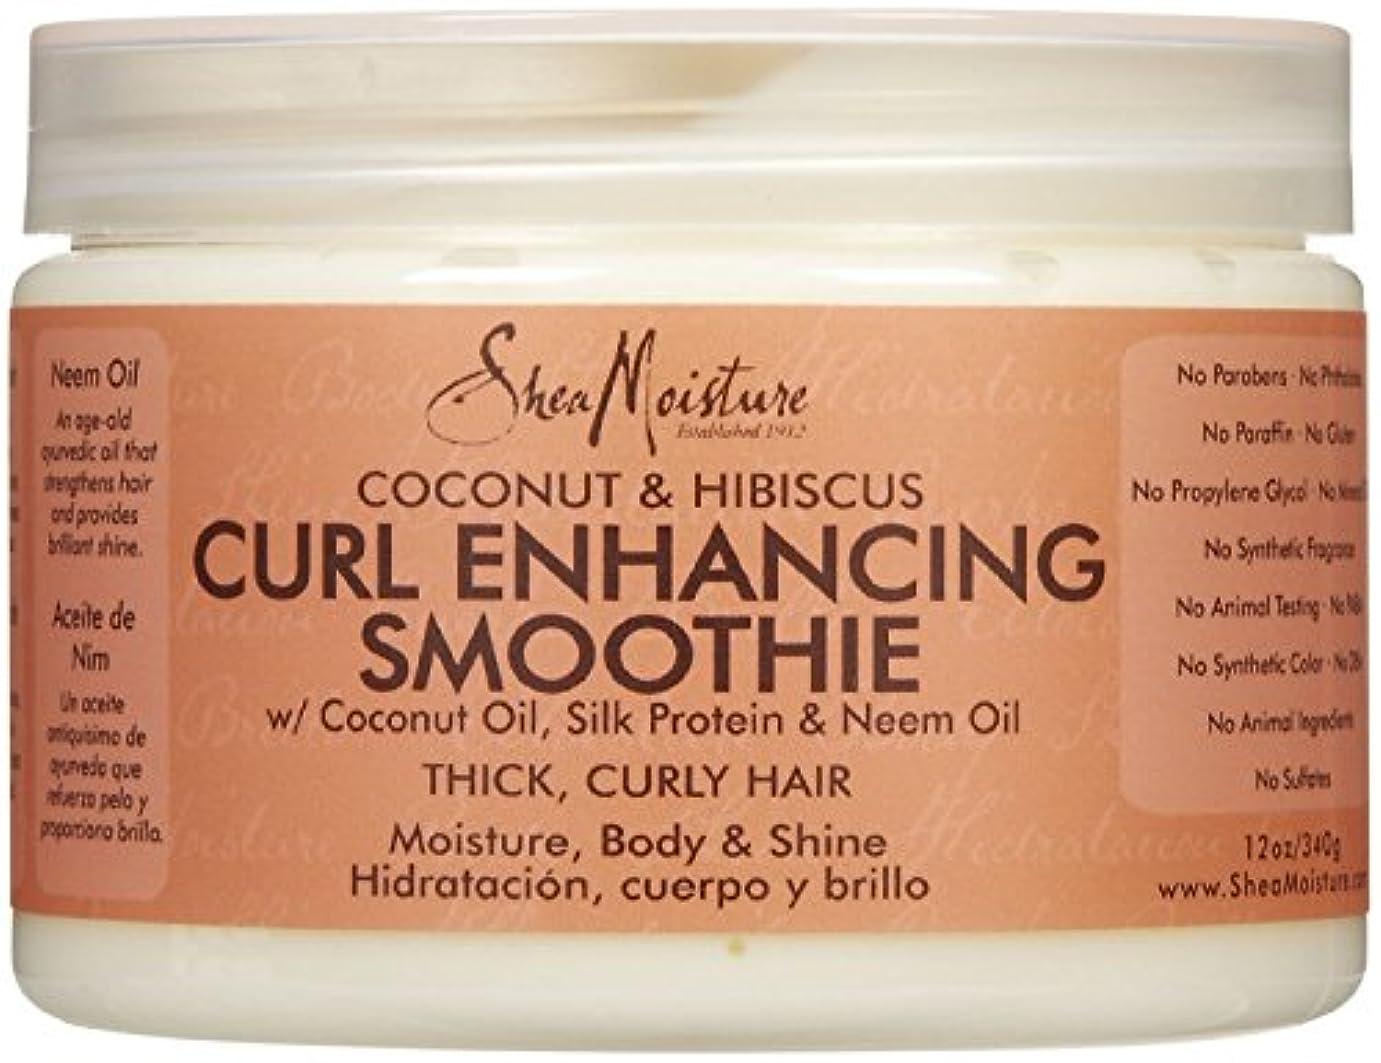 憎しみ担当者組み合わせるシーモイスチャー Shea Moisture Coconut Hibiscus Curl Enhancing Smoothie ヘアトリートメント